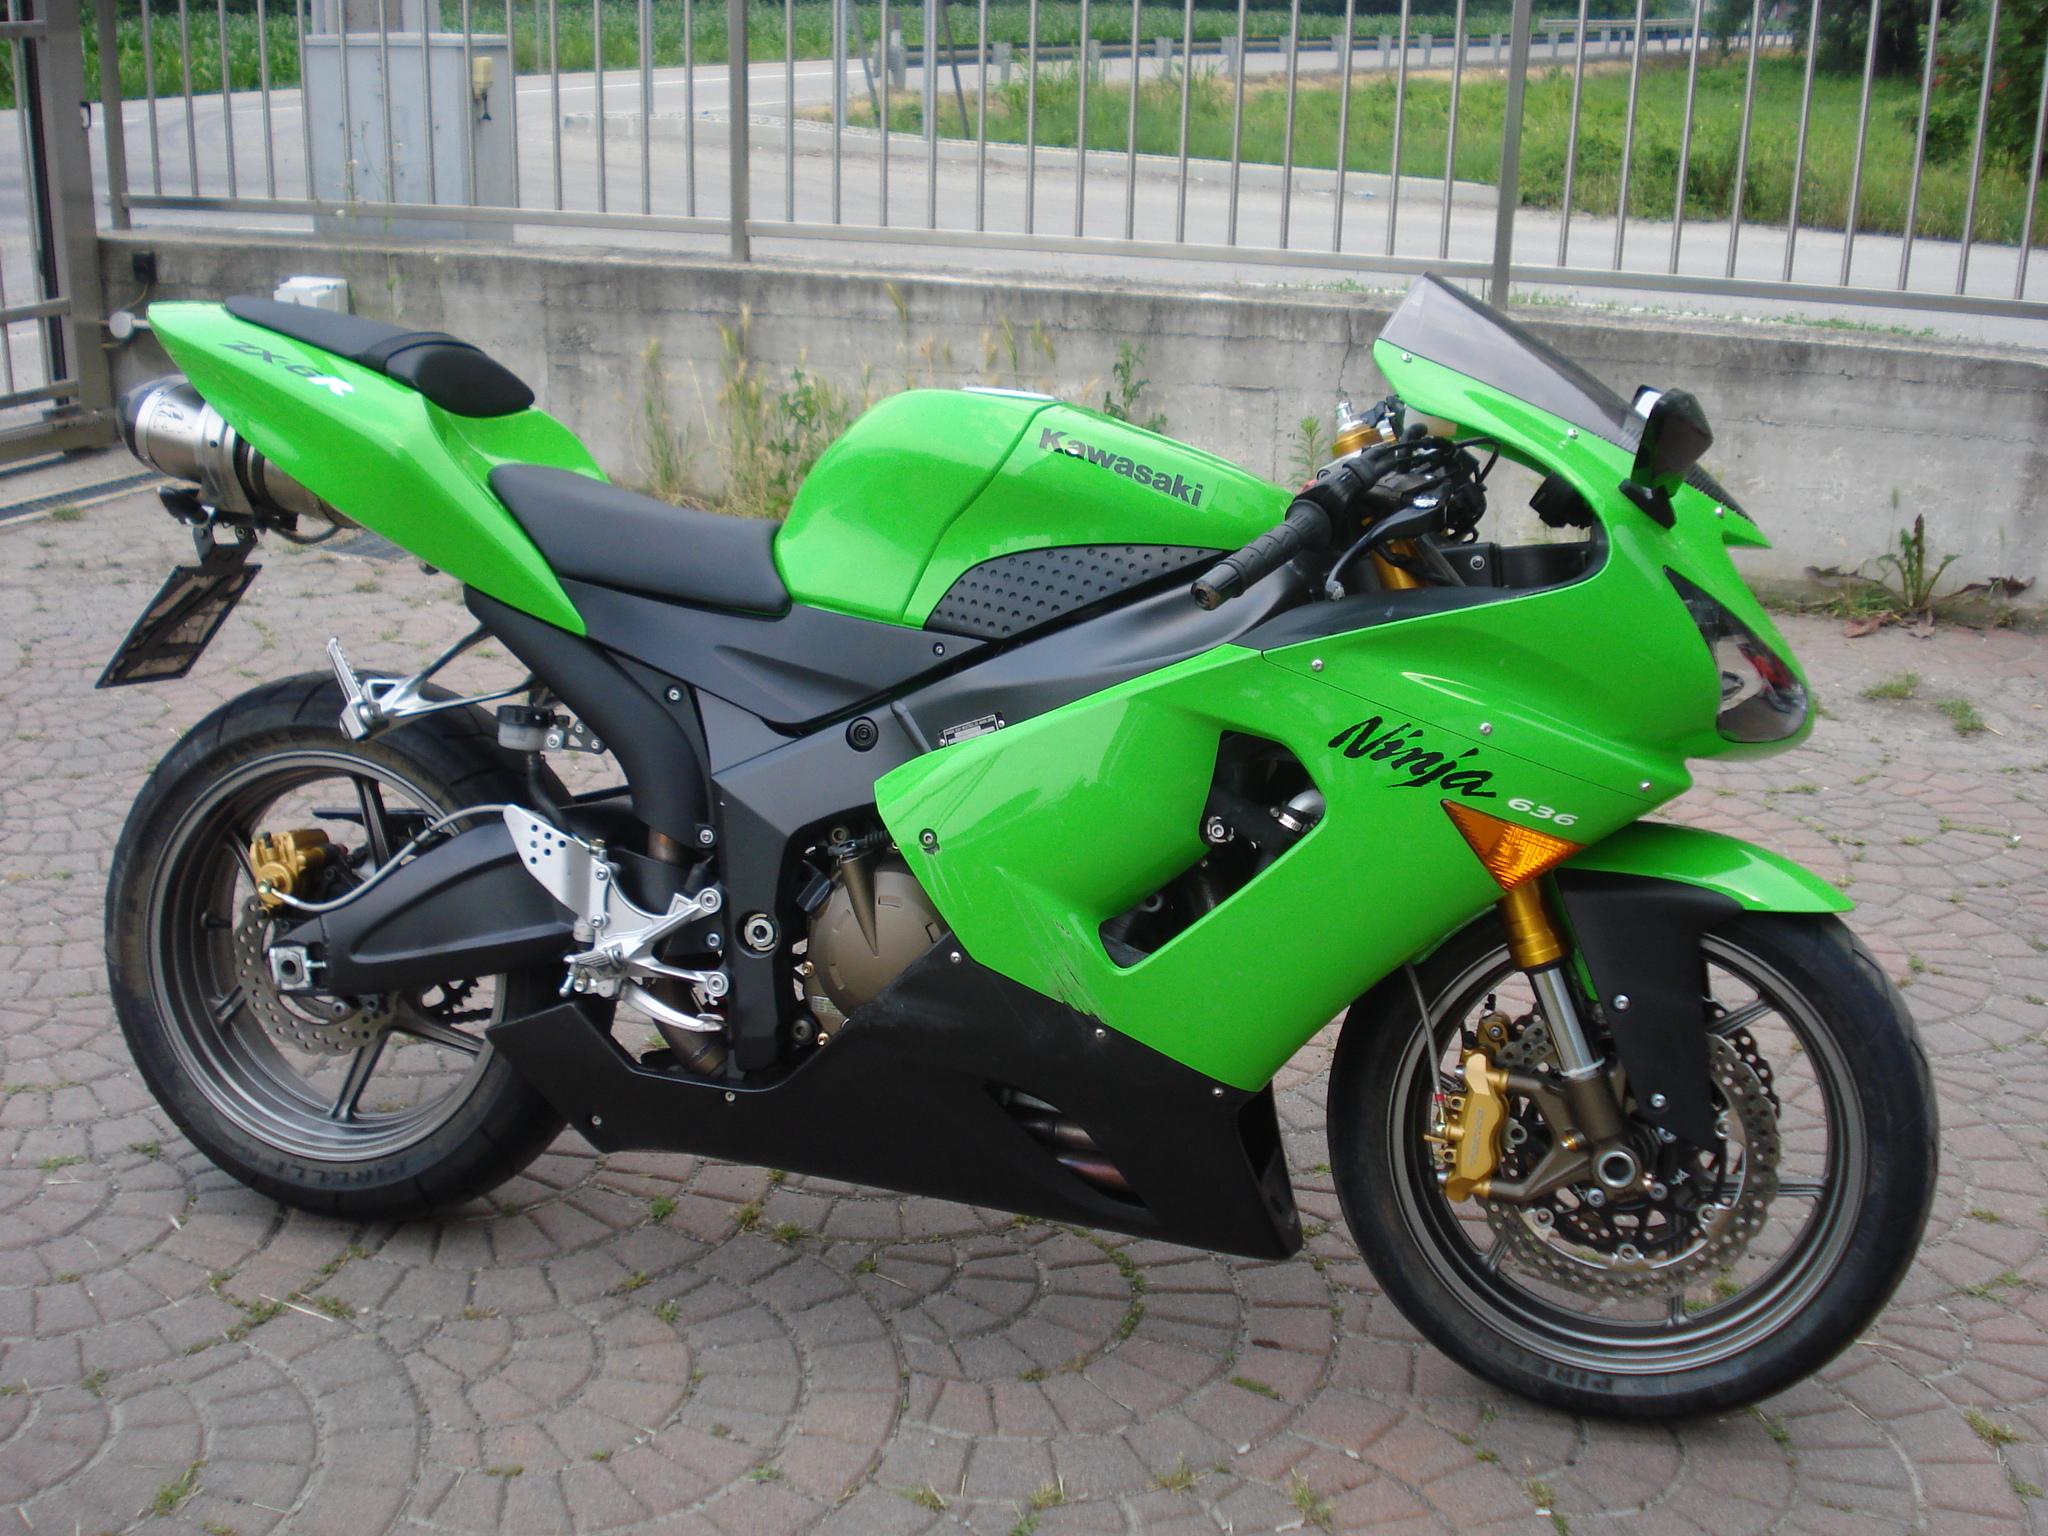 acquistare la moto usata da privati quale garanzia